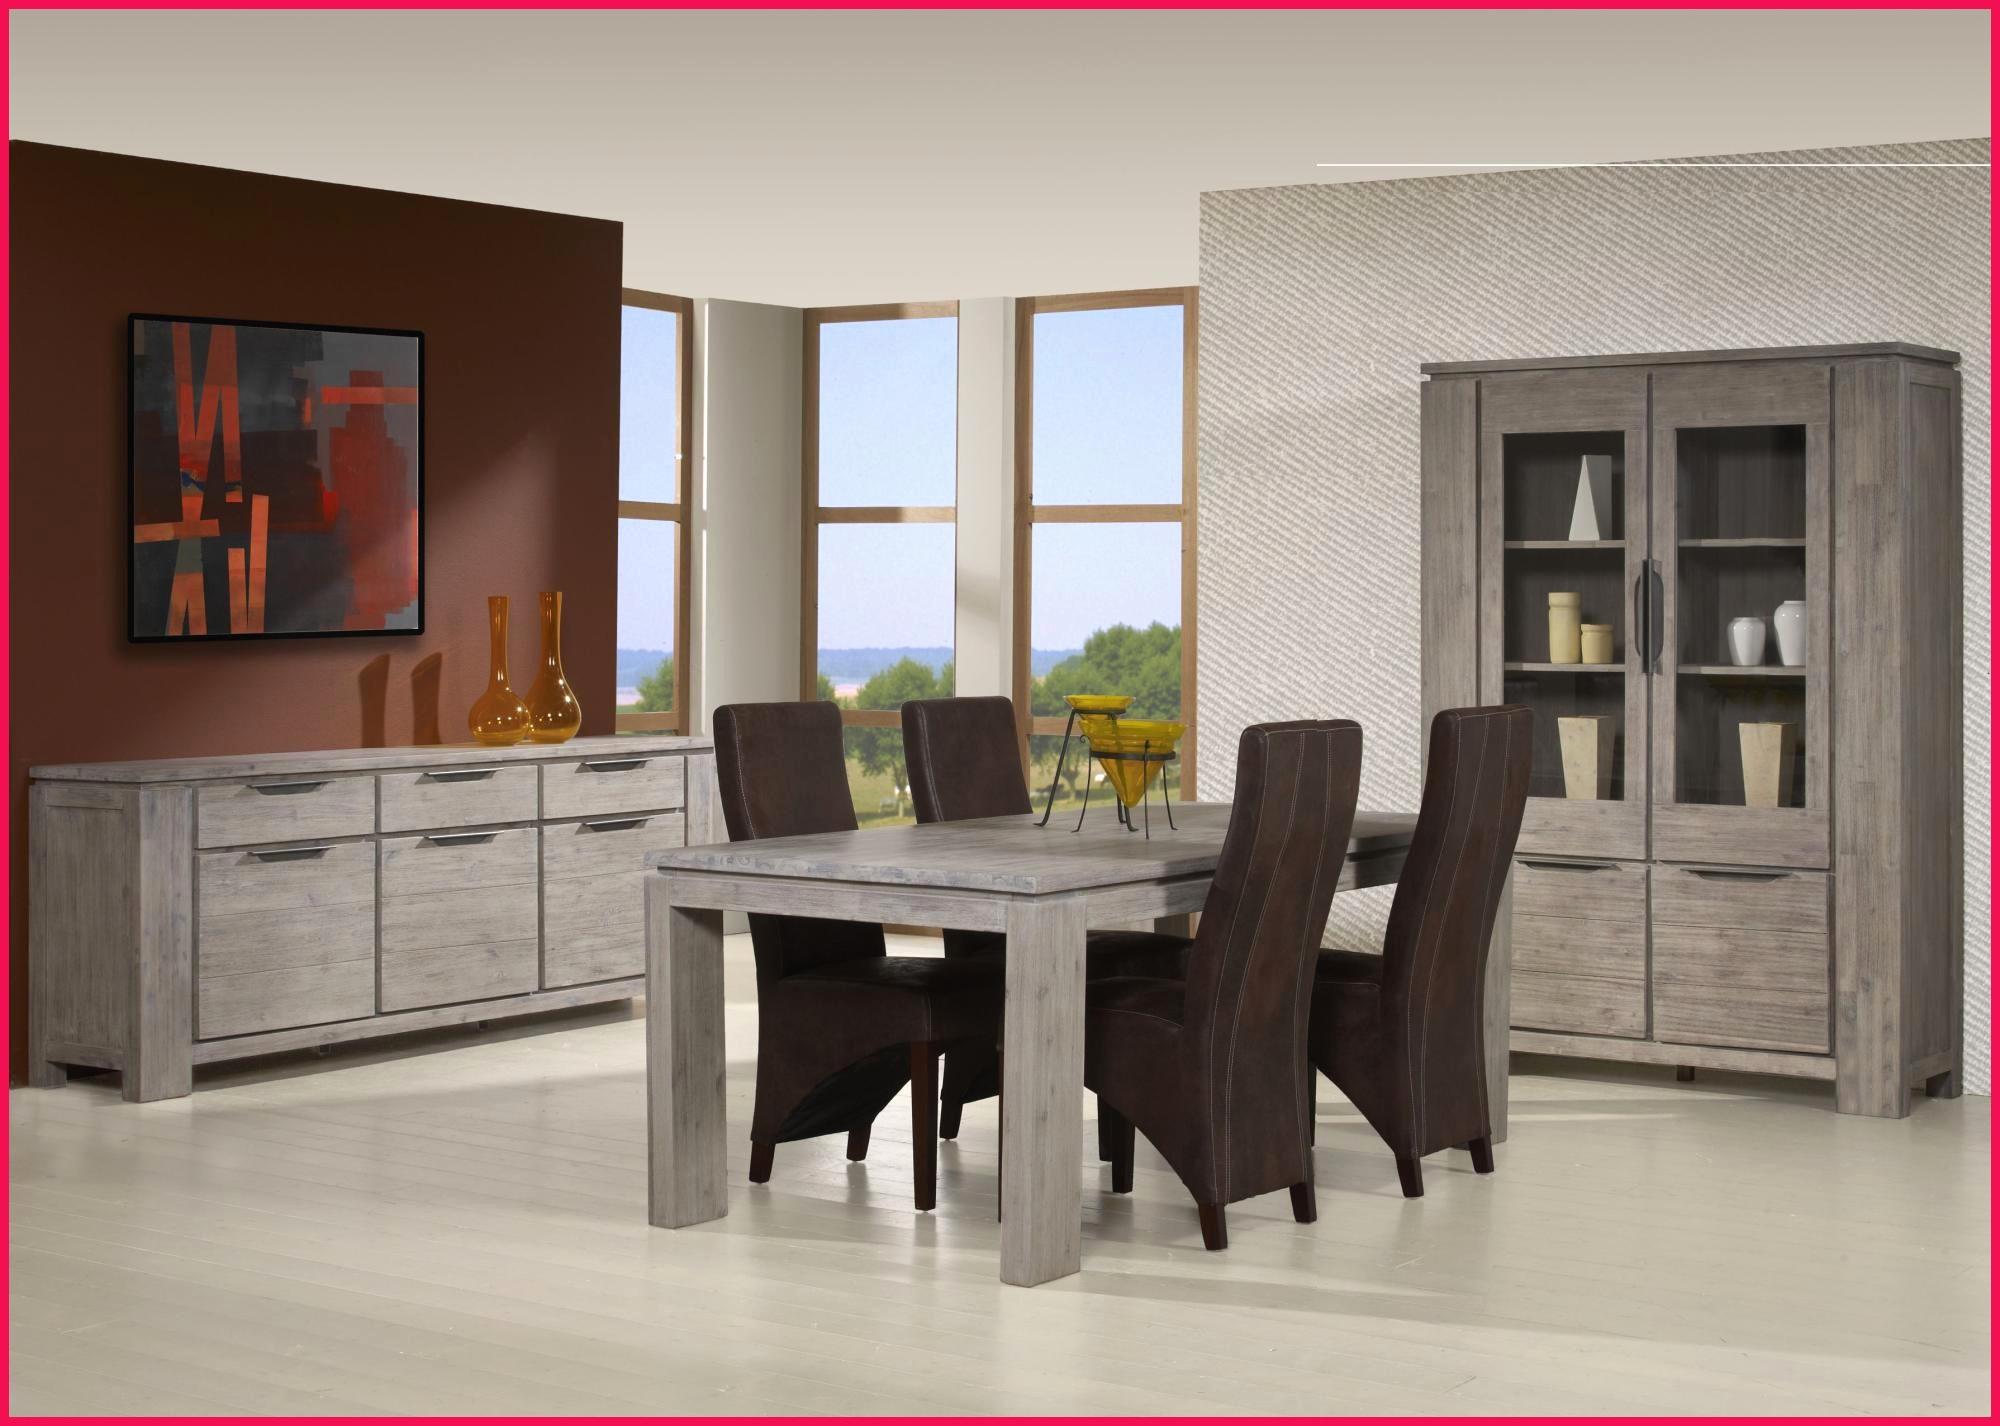 chaises de salle a manger conforama nouveau avenant chaise tressee salle manger et meubles salle manger of chaises de salle a manger conforama